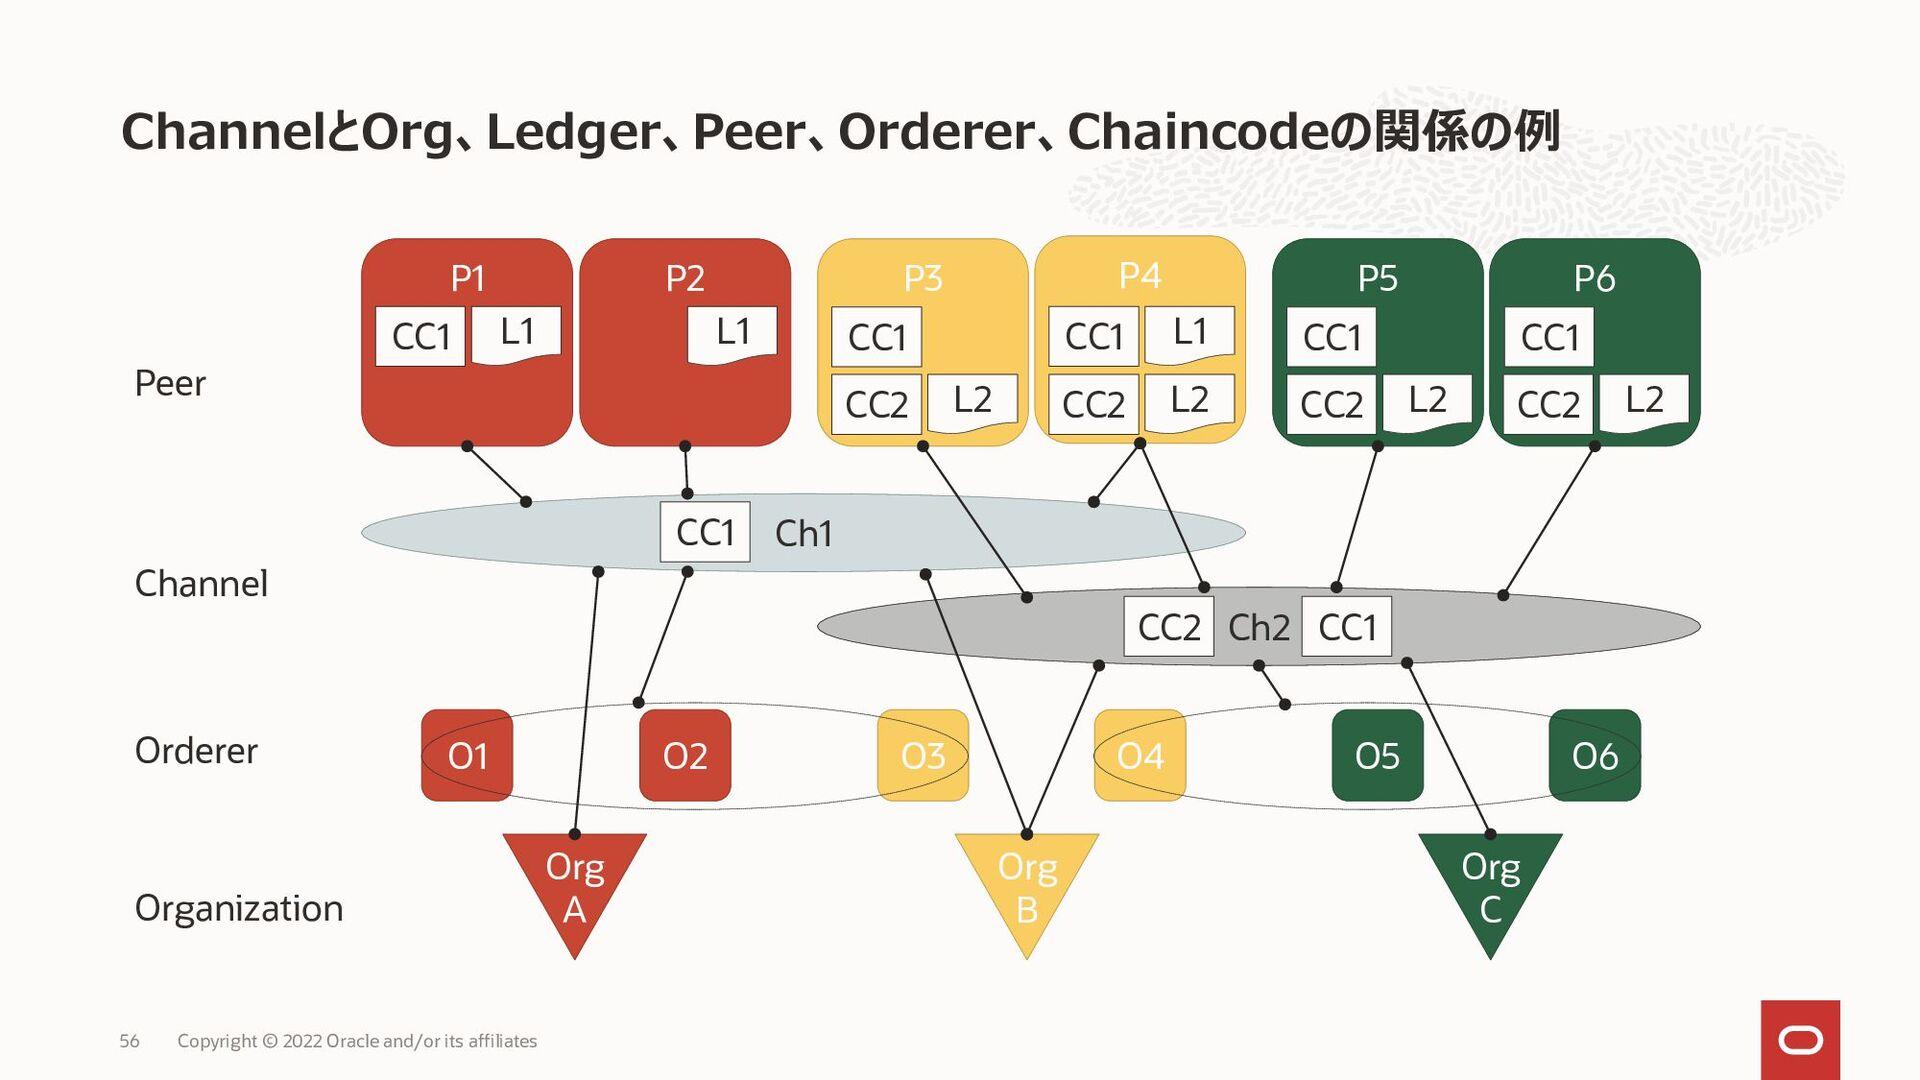 ChannelとOrg、Ledger、Peer、Orderer、Chaincodeの関係の例 ...